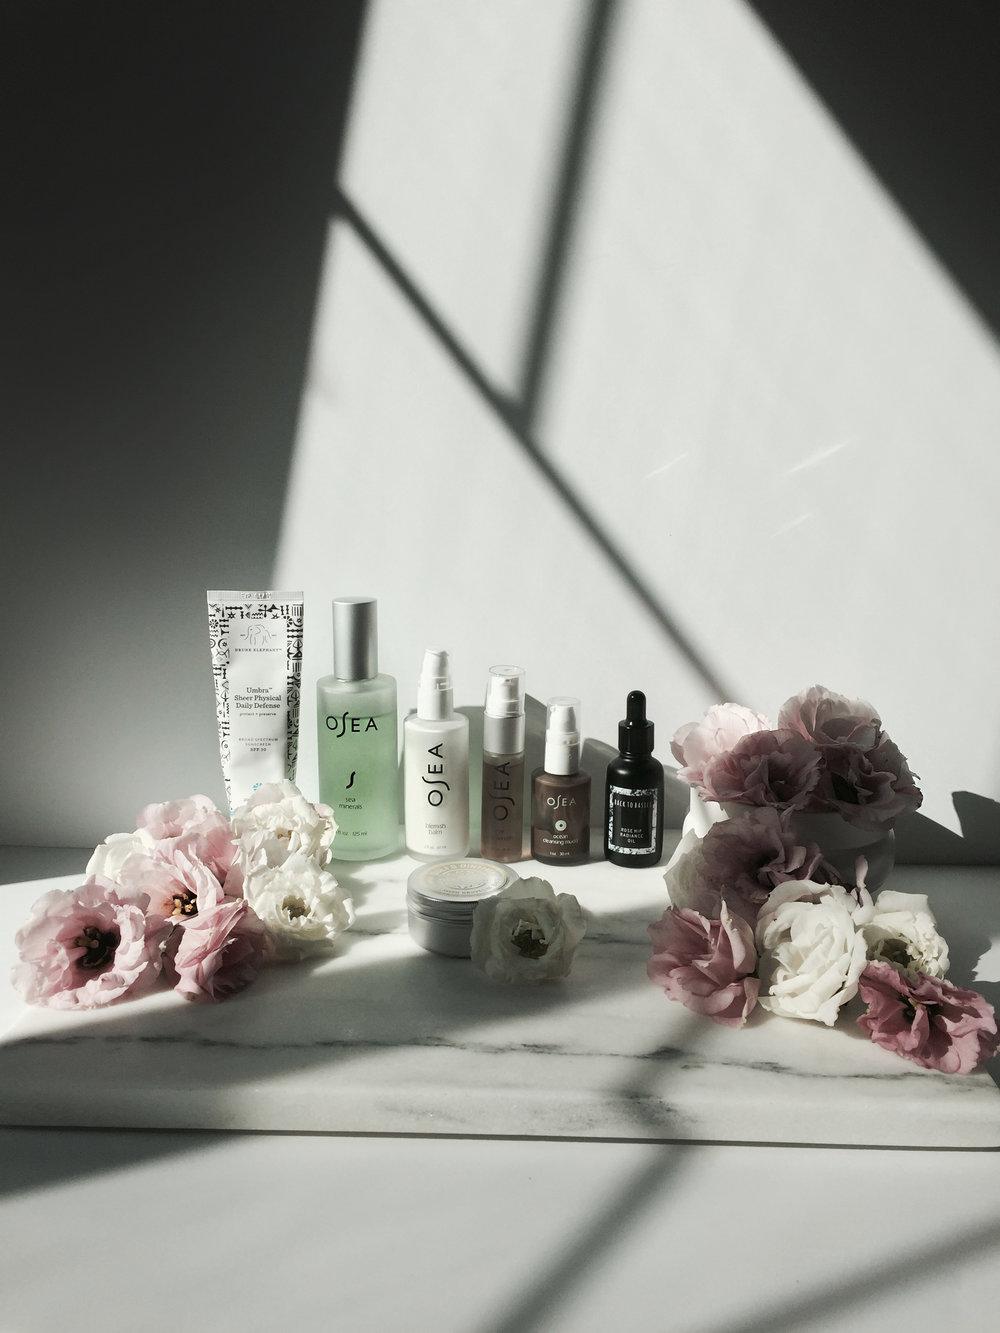 flowersinroombig.jpg